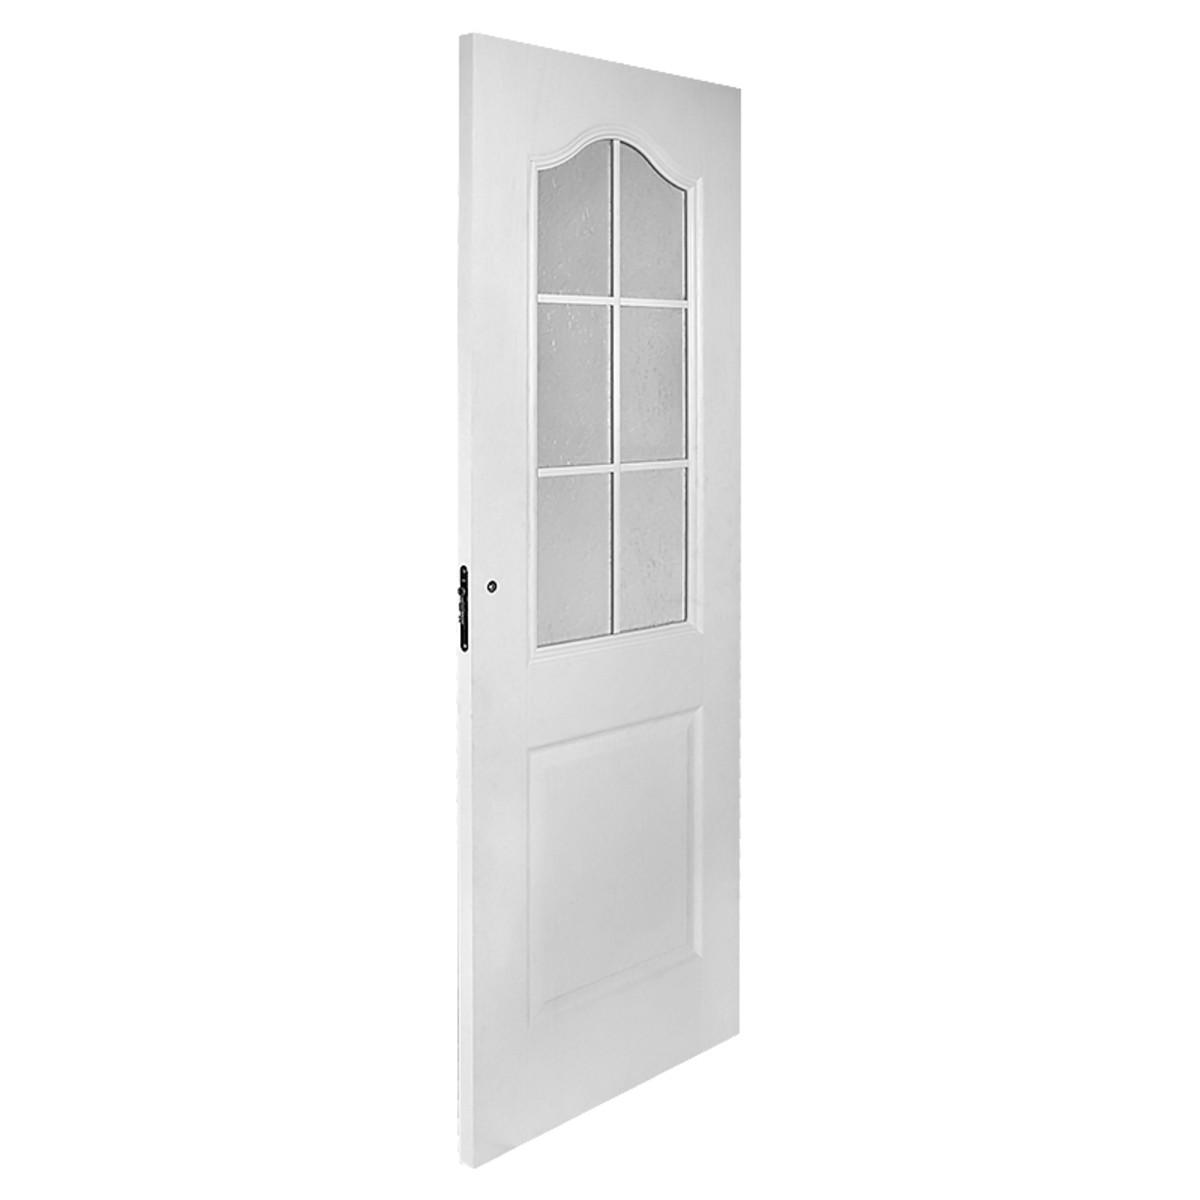 Дверь Межкомнатная Остеклённая Капричеза 700x2000 Ламинация Белый